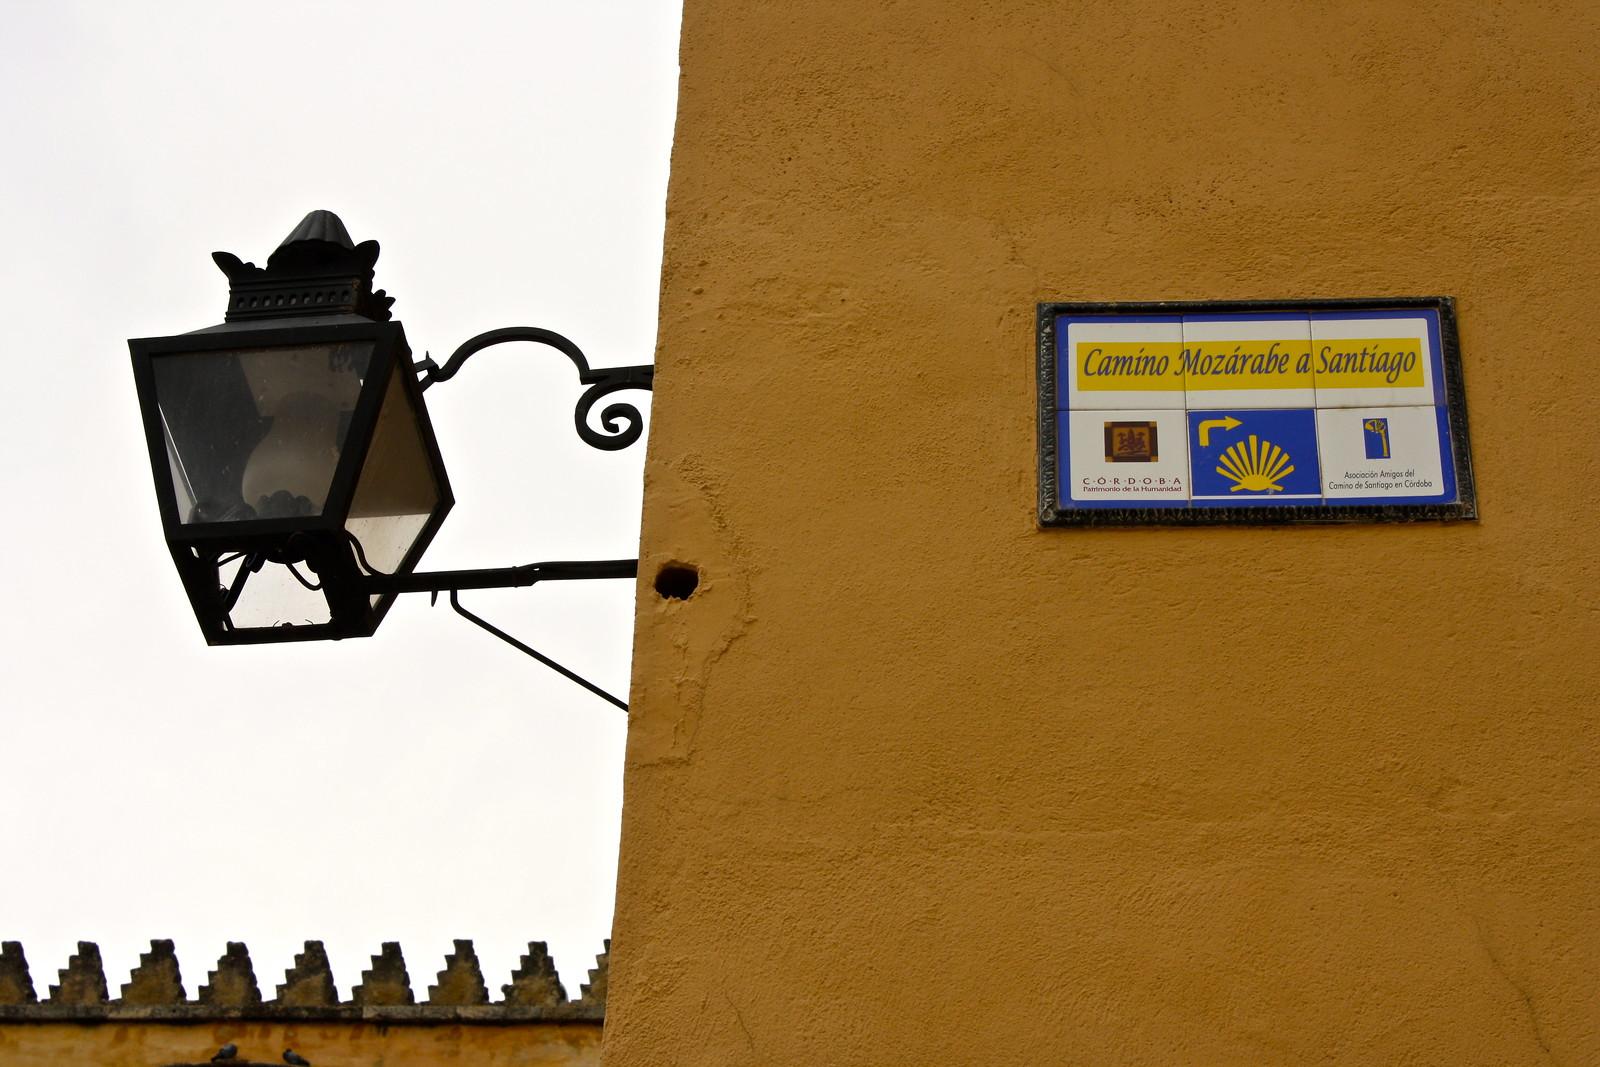 Camino de Santiago in Córdoba, Spain